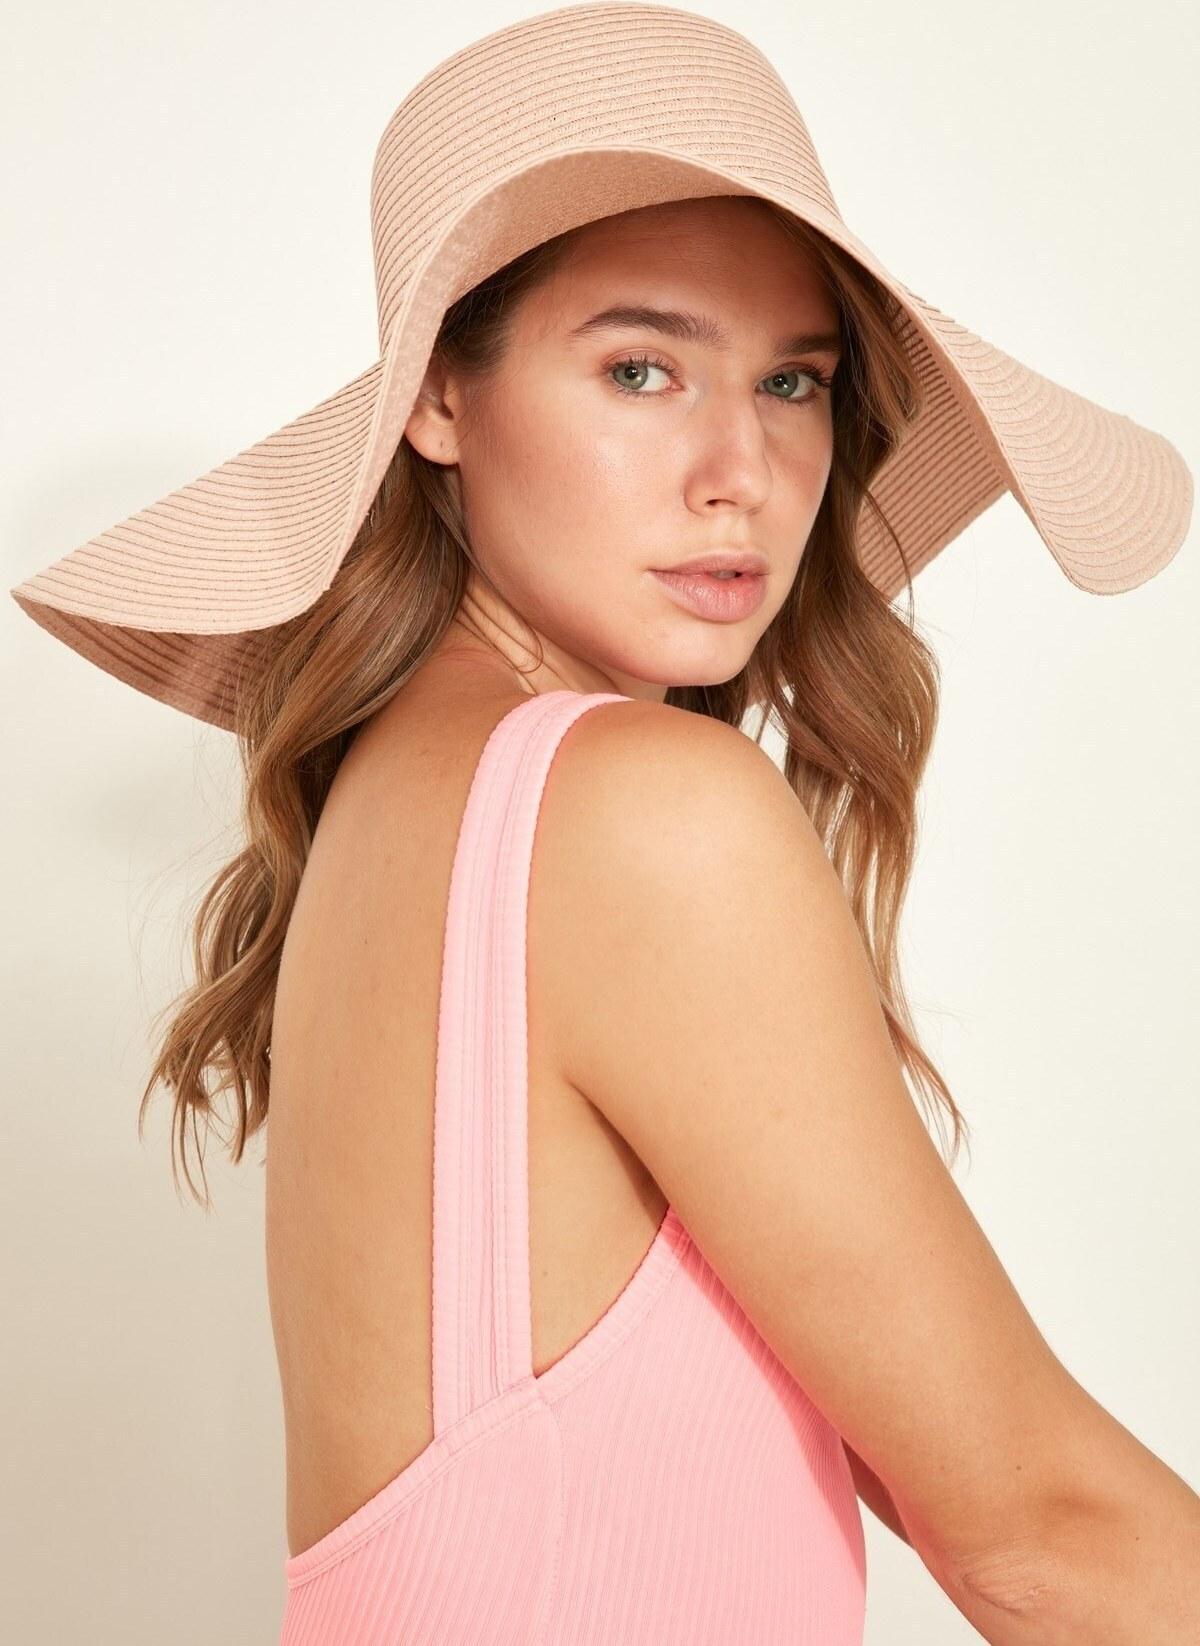 تصویر کلاه ساحلی زنانه نرم حصیری صورتی برند C City کد 1622651830